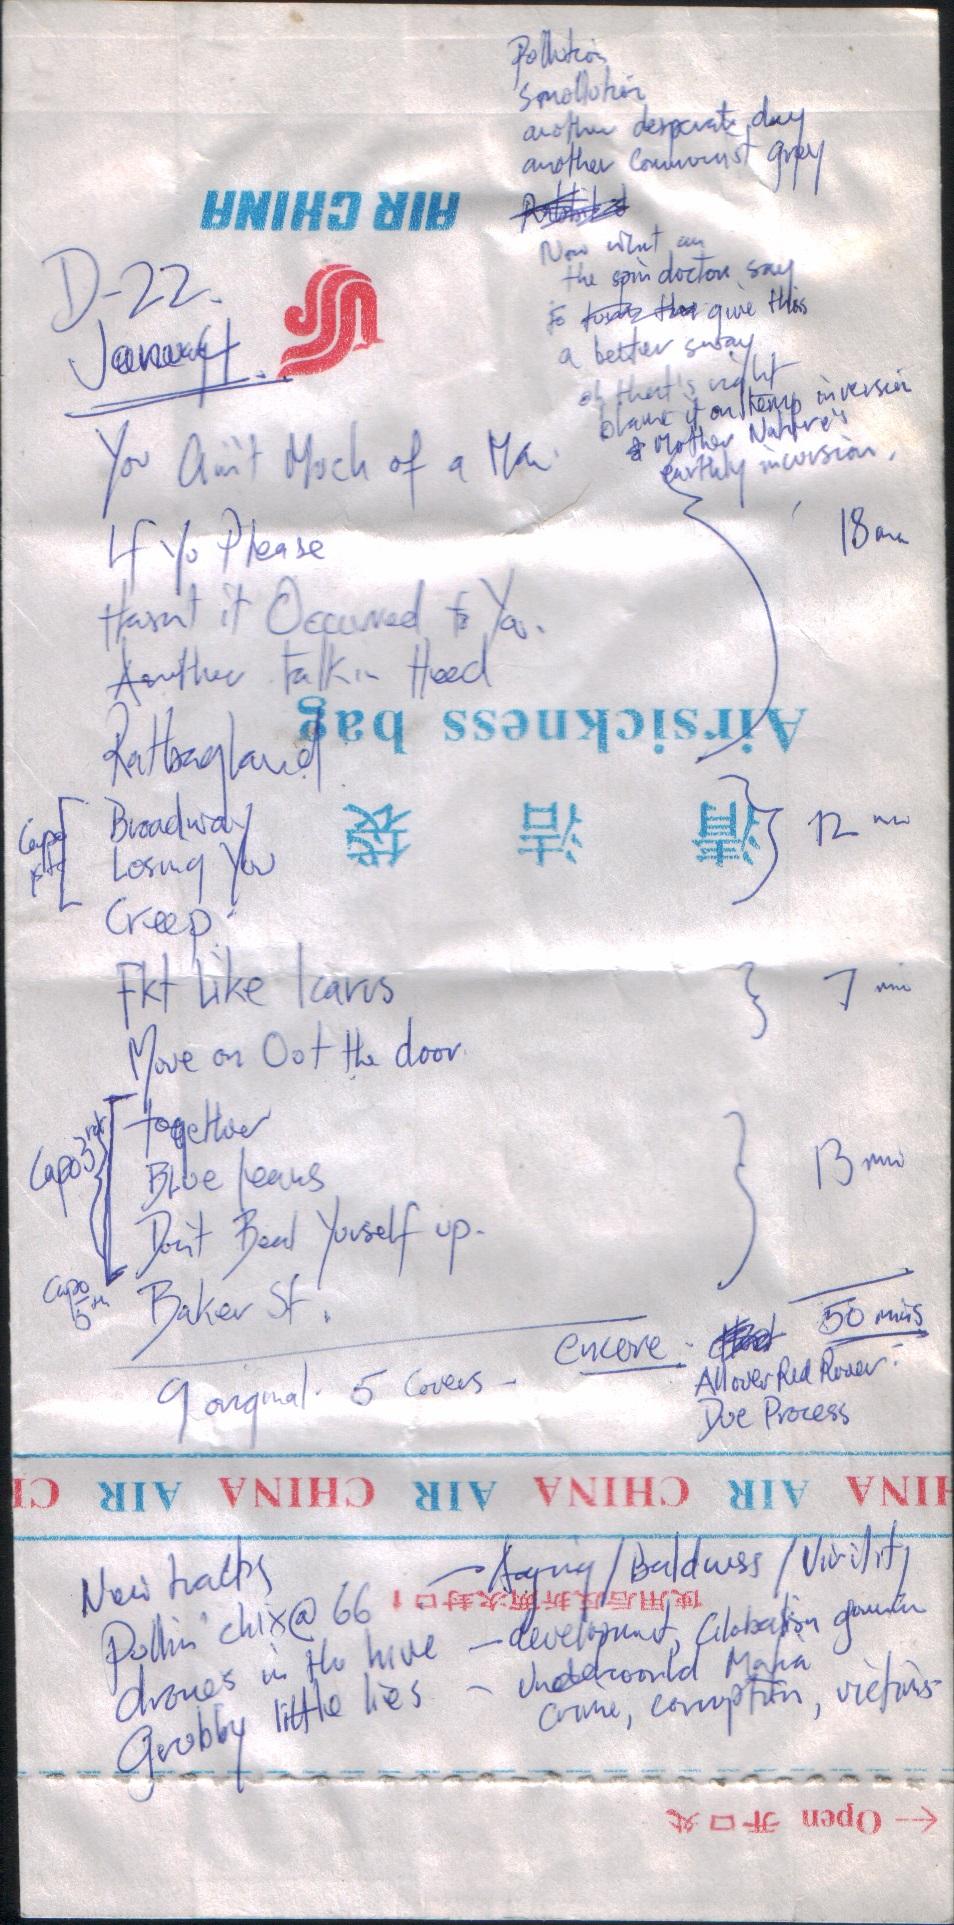 D-22 set list